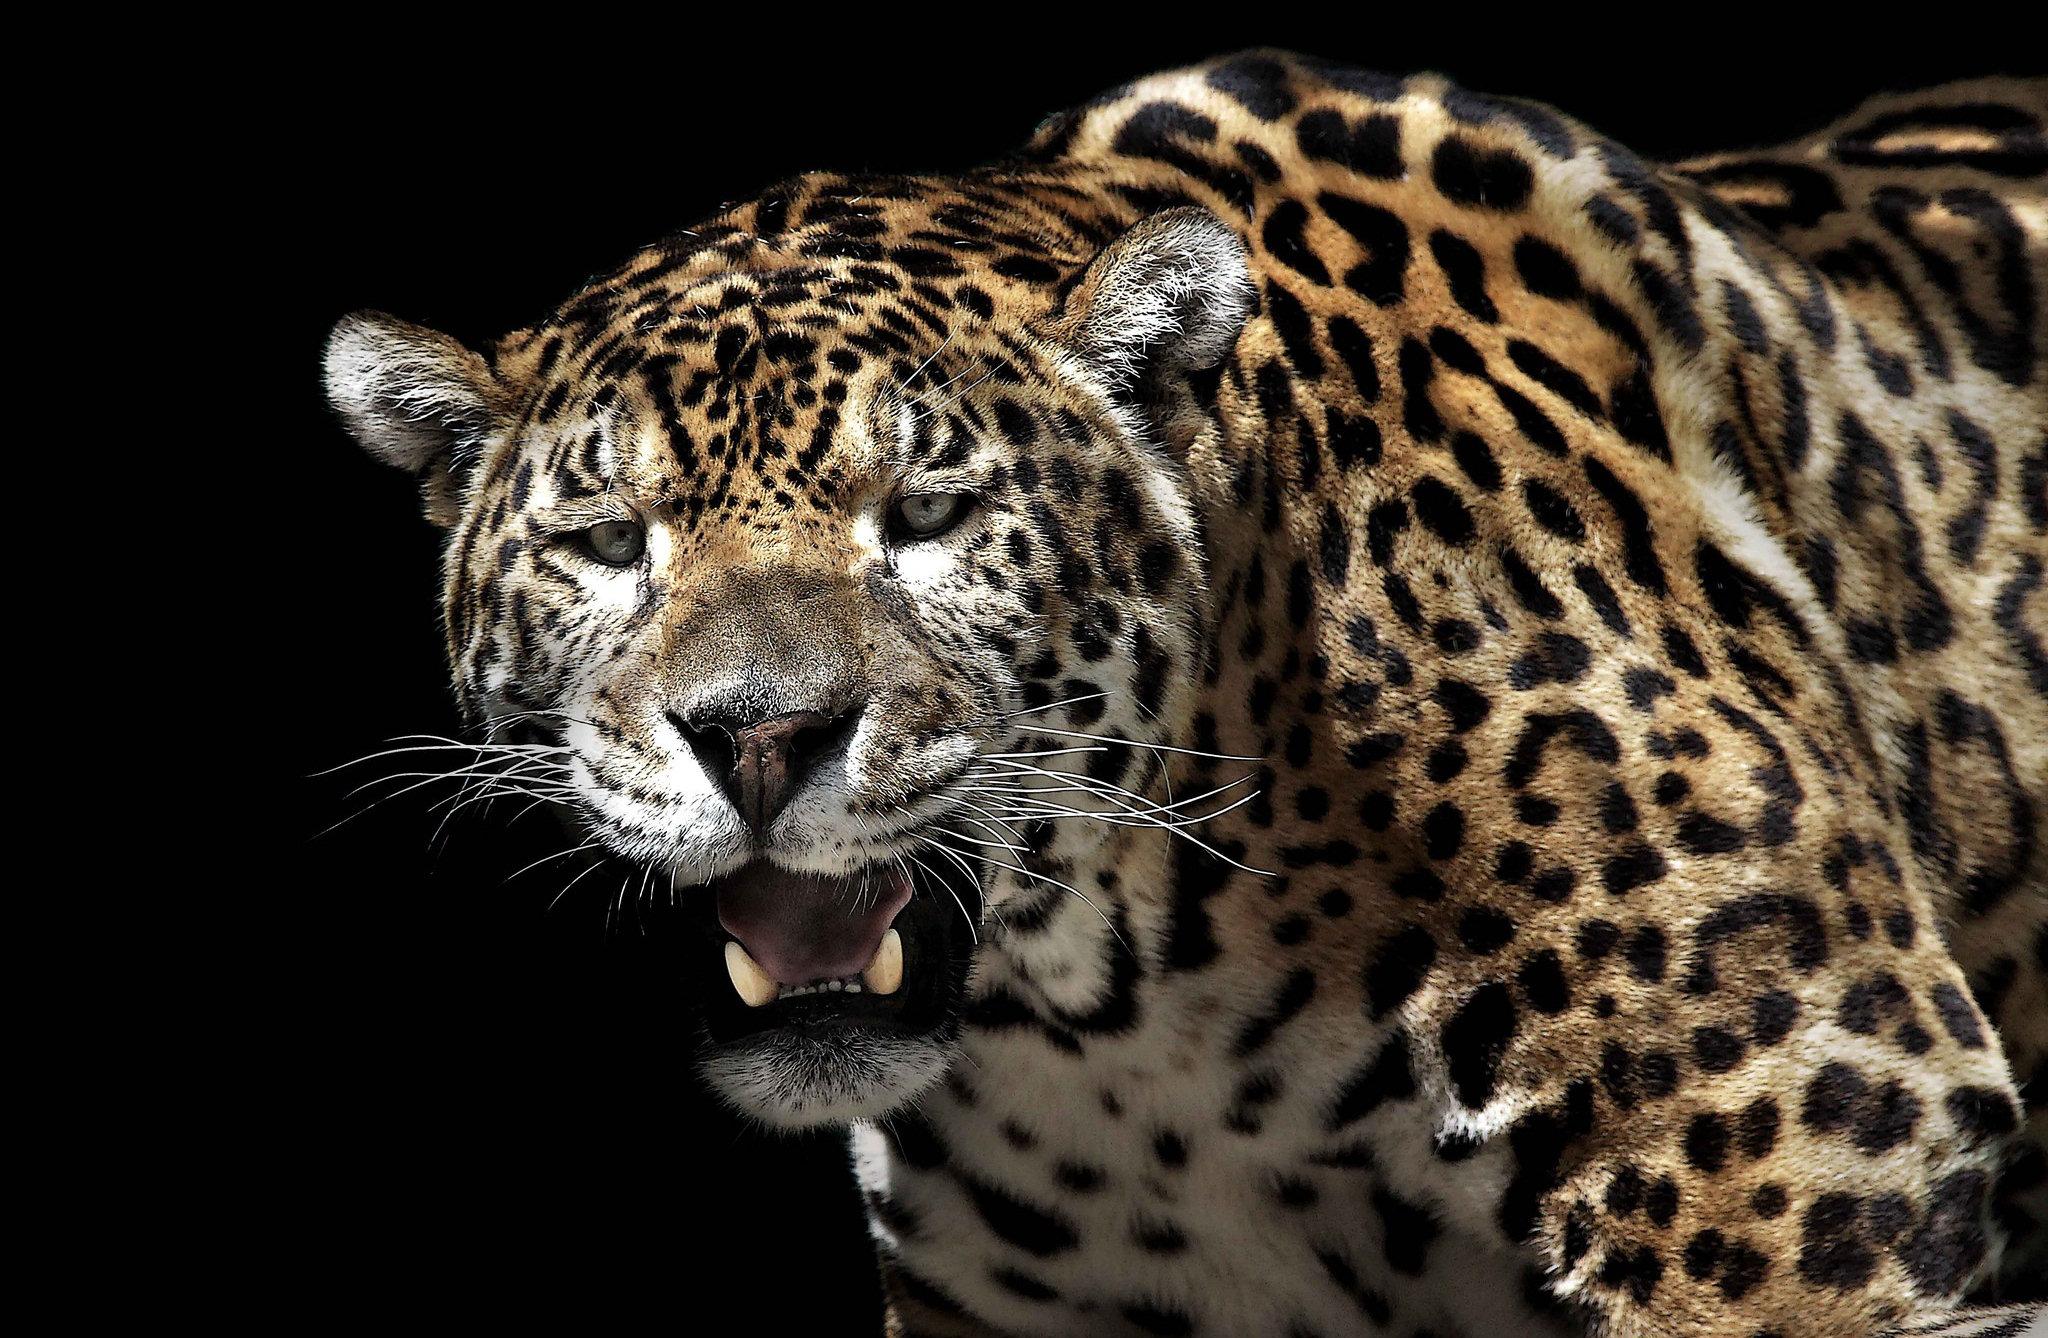 Jaguar animal wallpaper running jaguars animal wallpaper - Jaguar Animal Wallpaper Viewing Gallery